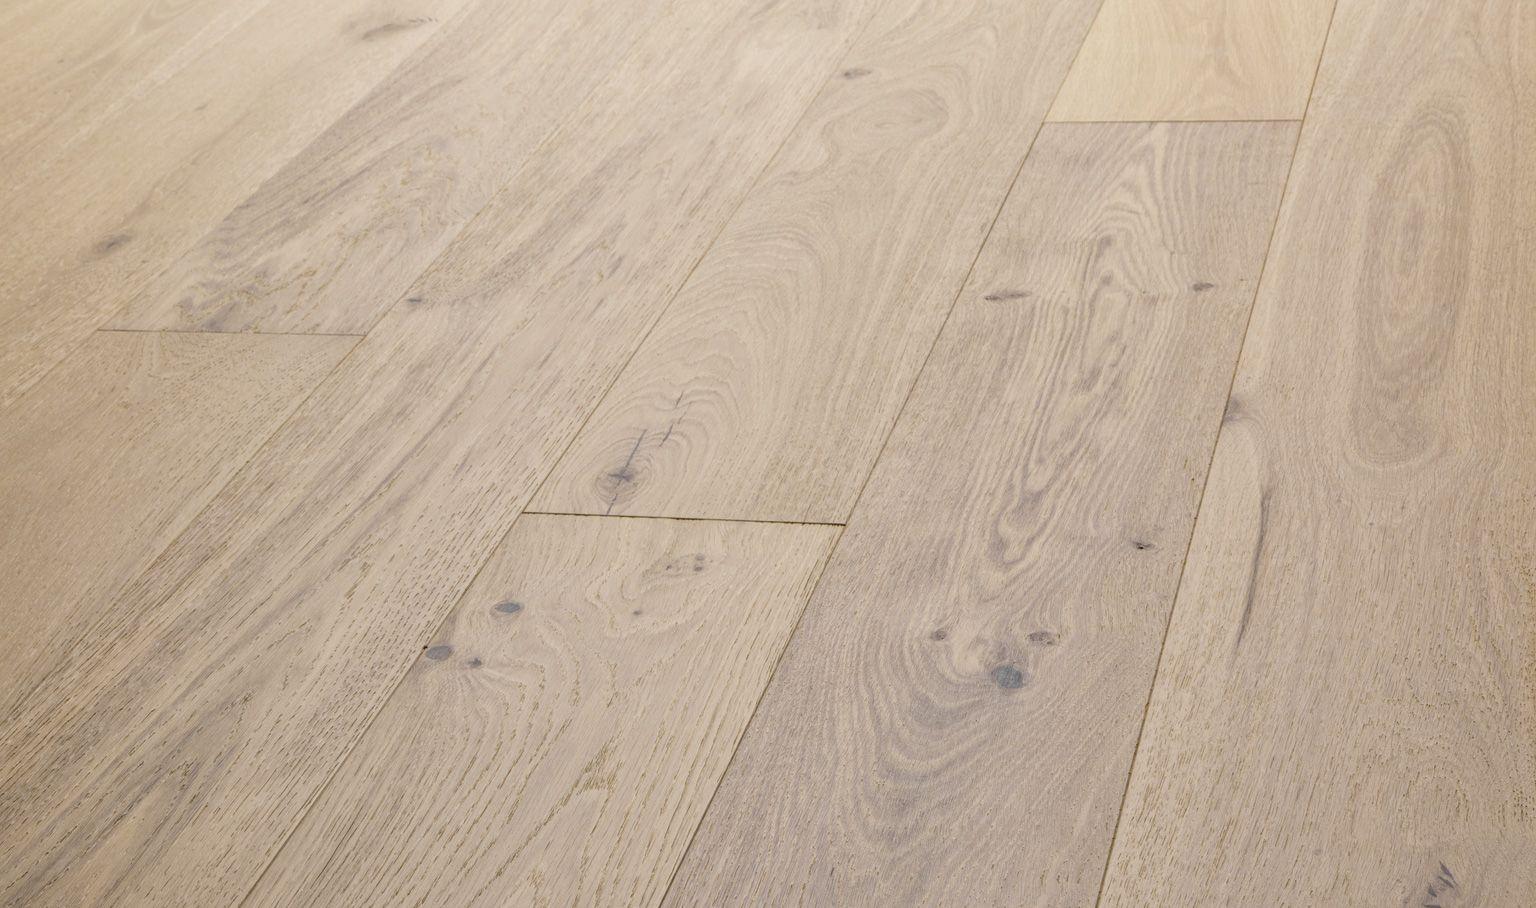 Grigio European Oak Hardwood Flooring Tan Bronze